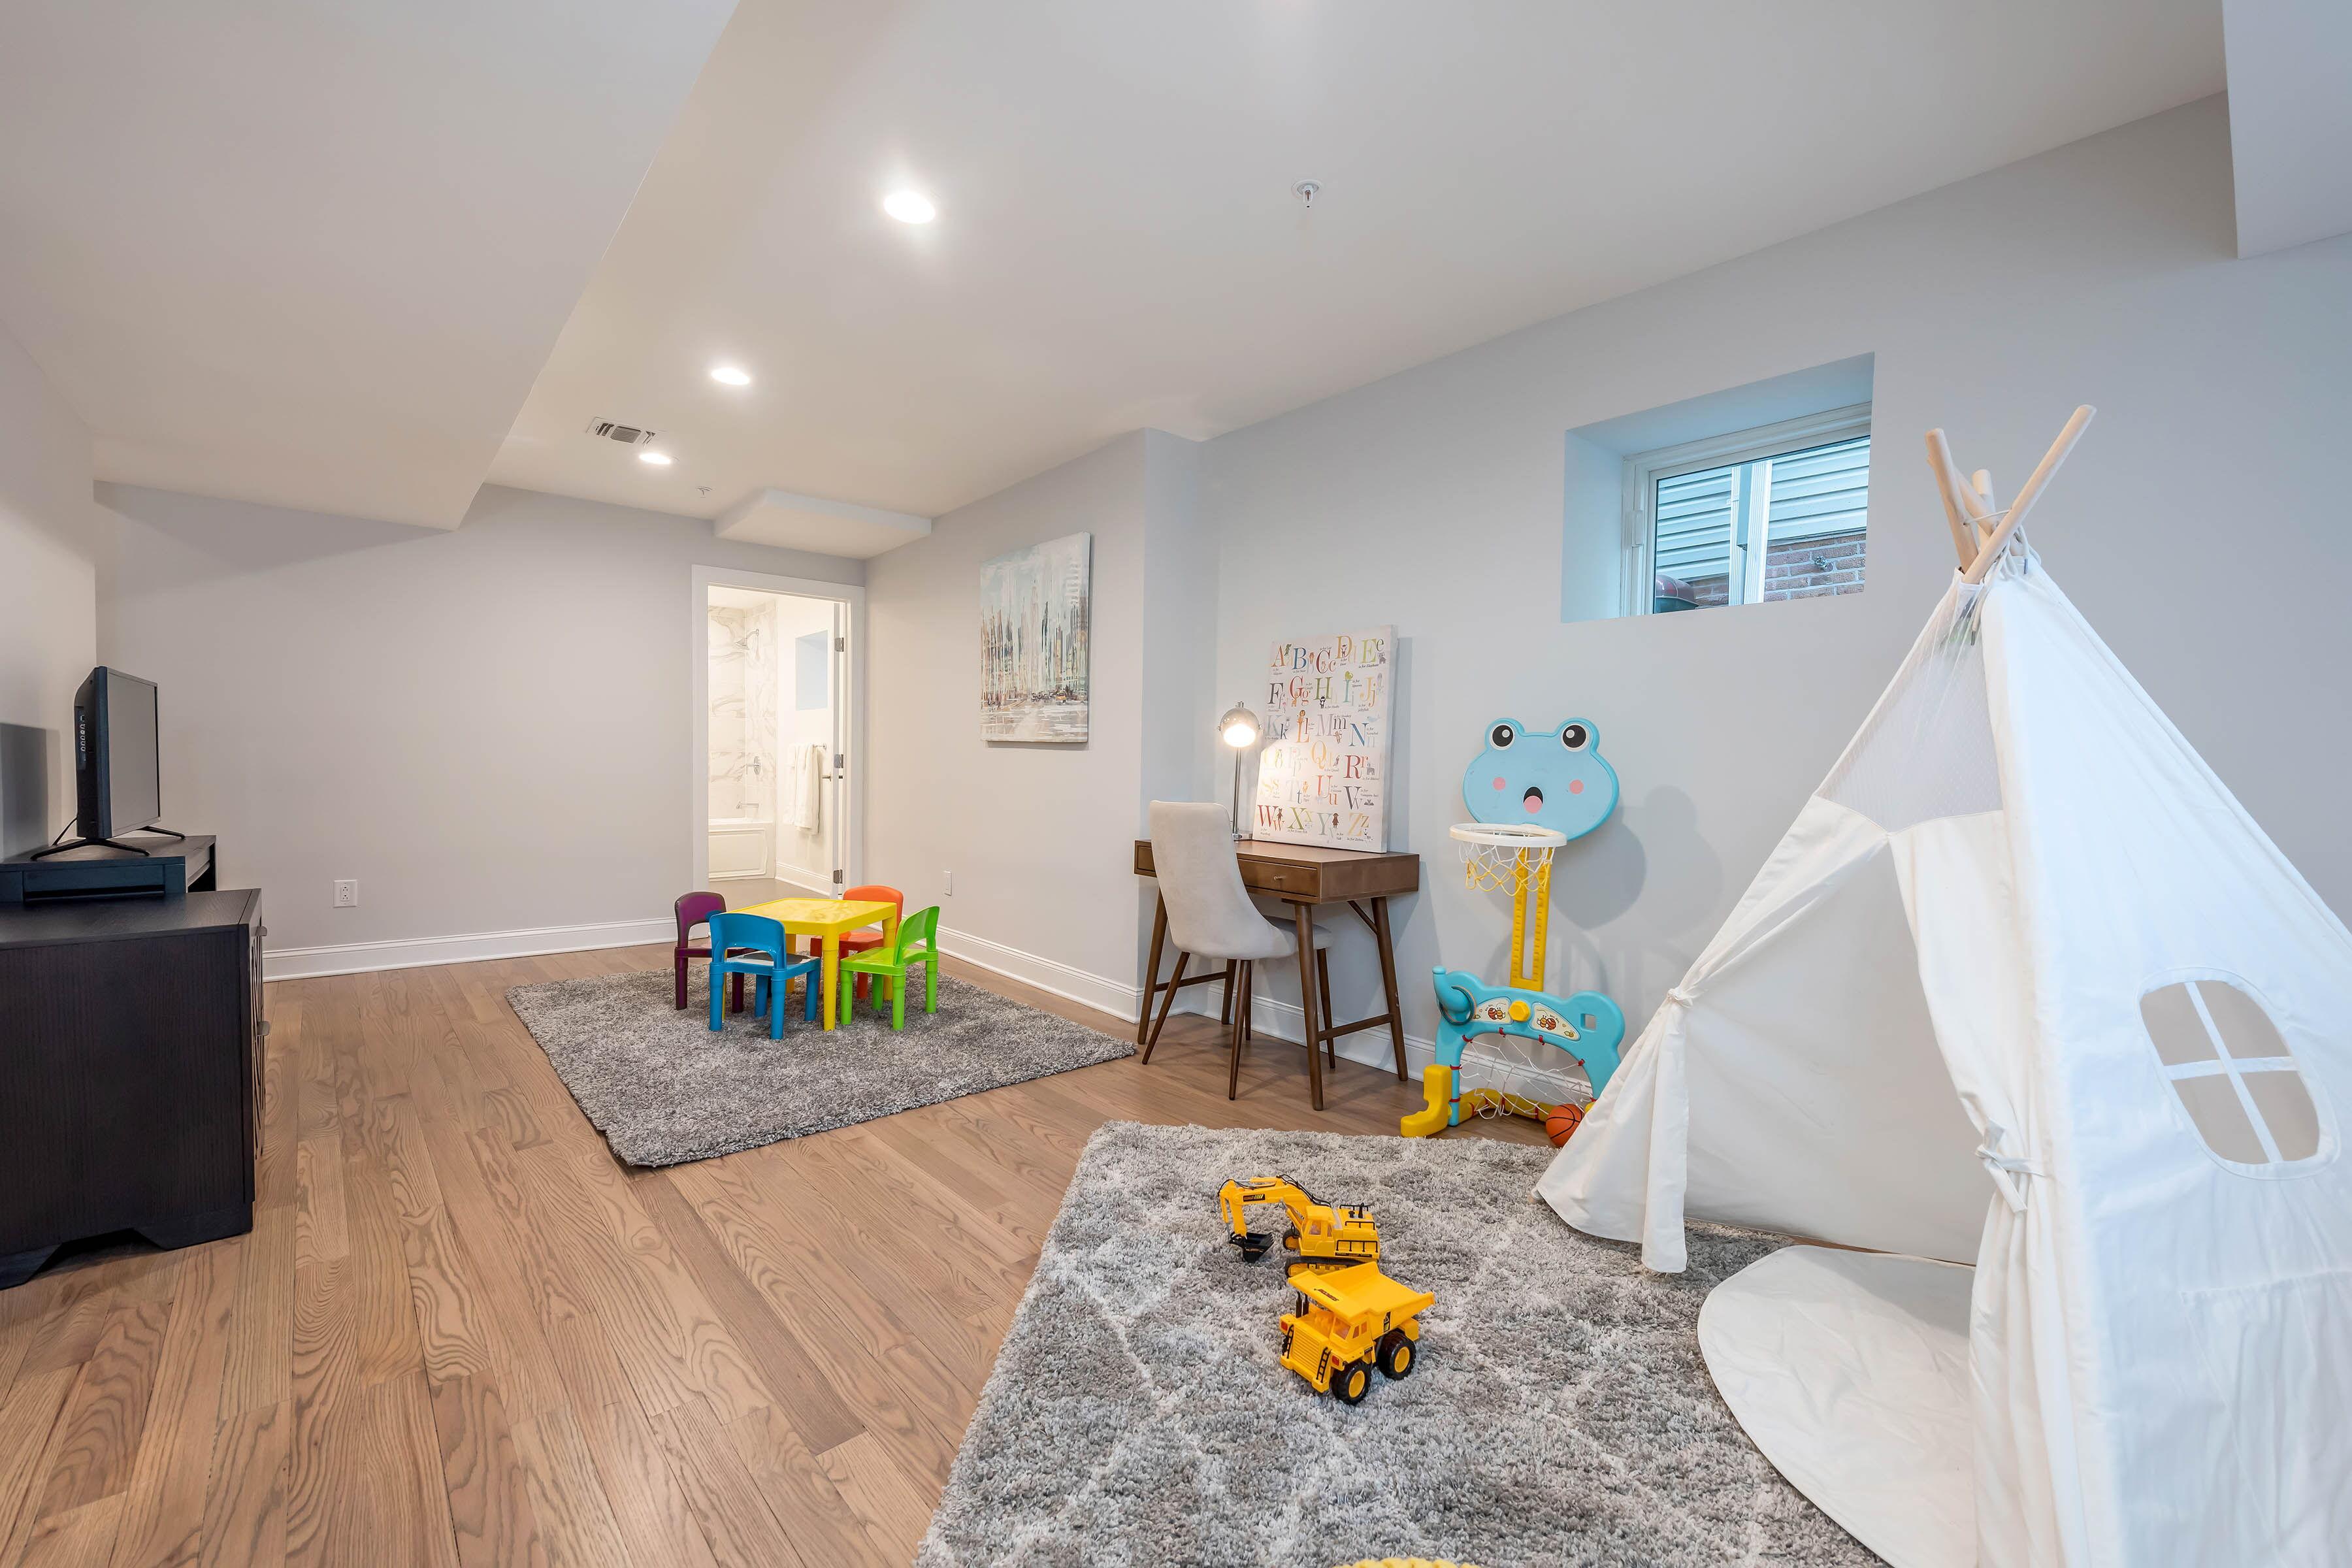 Rec Room (Living/Media/Playroom/Office)